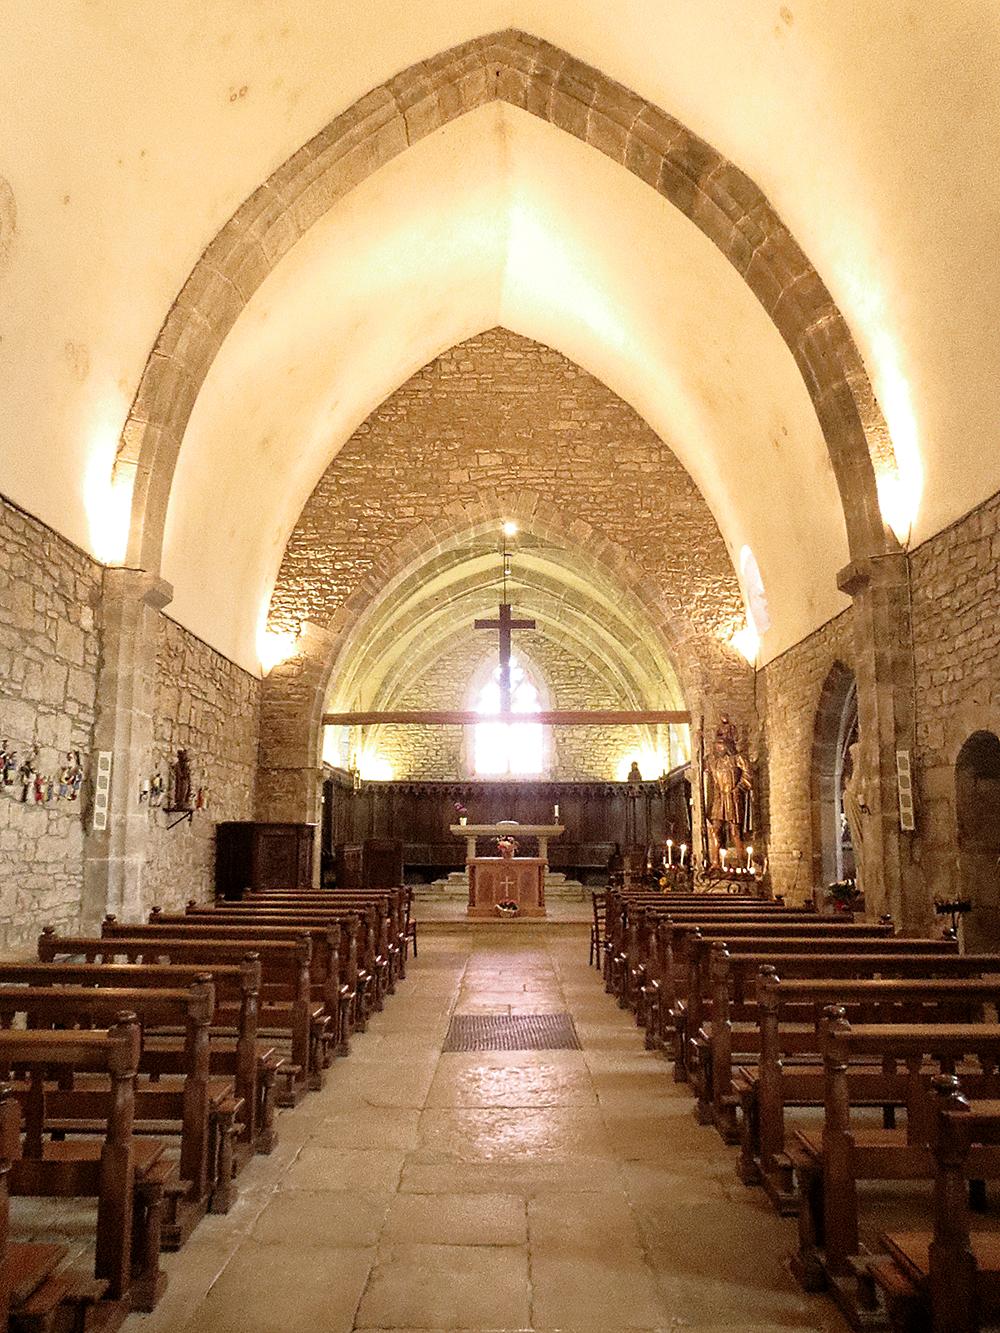 La Tour-du-Meix (39) Eglise Saint-Christophe Fondation la Sauvegarde de l'Art Français